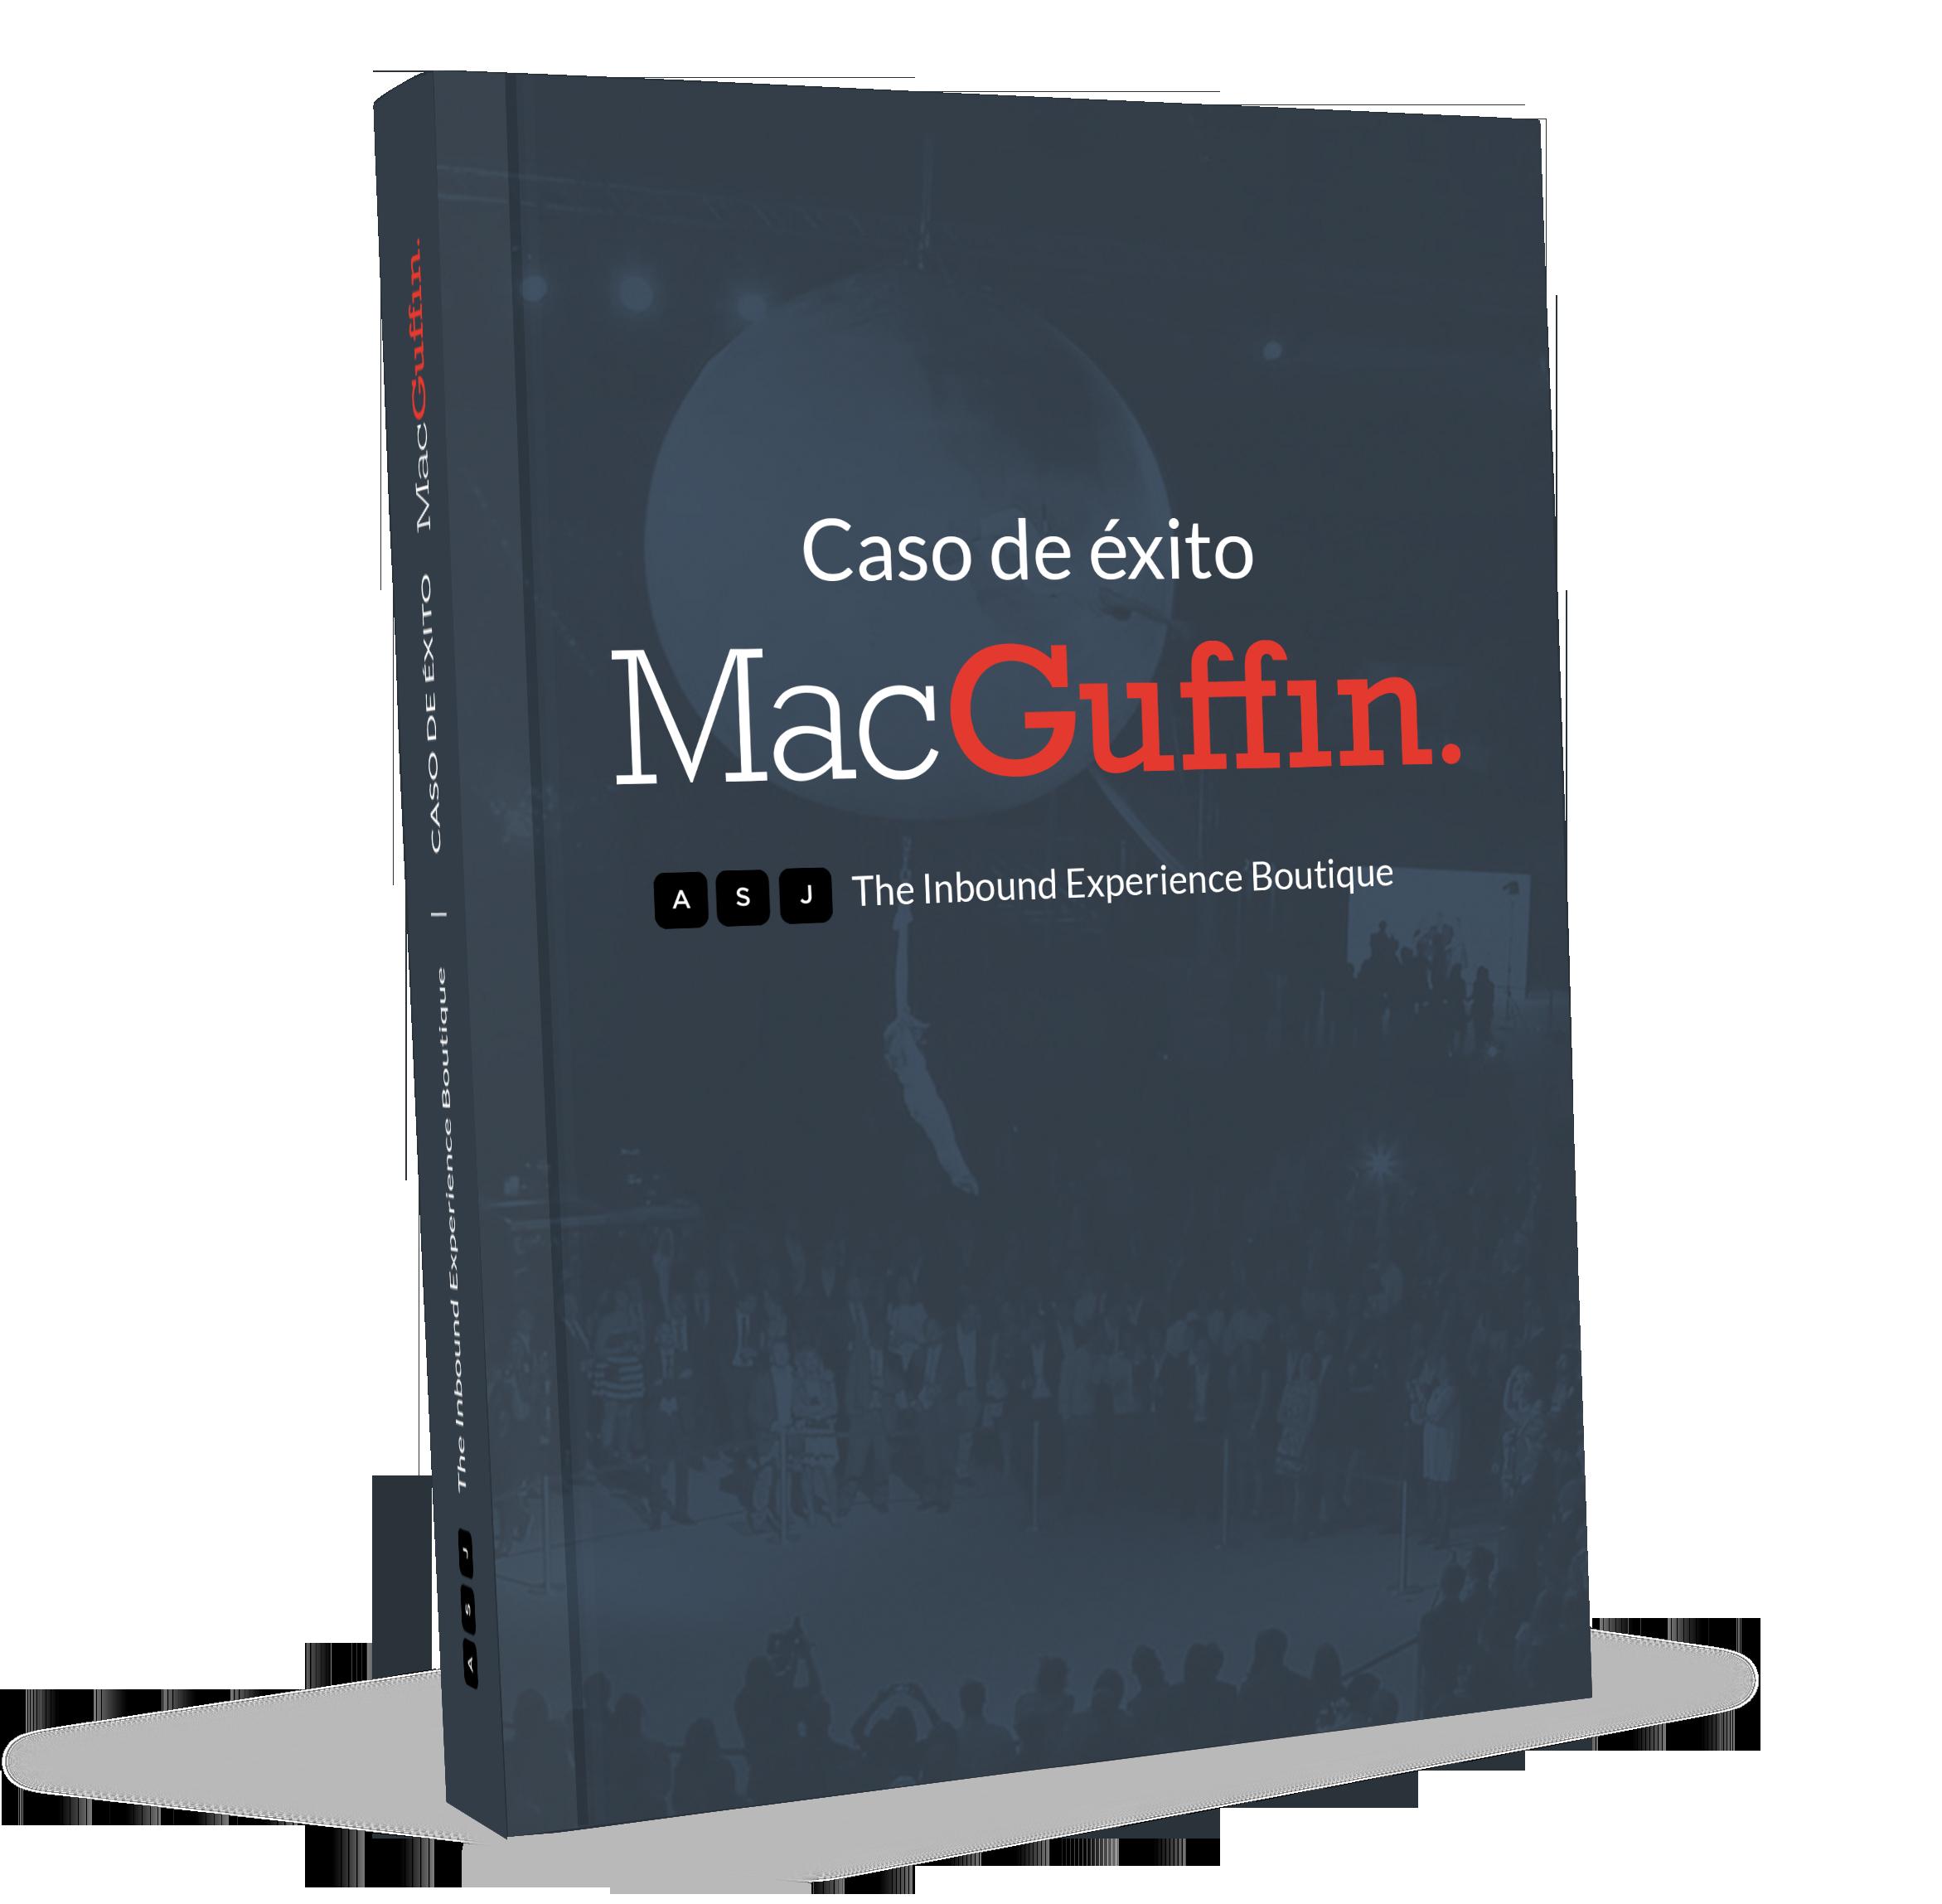 MacGuffin Caso de Éxito